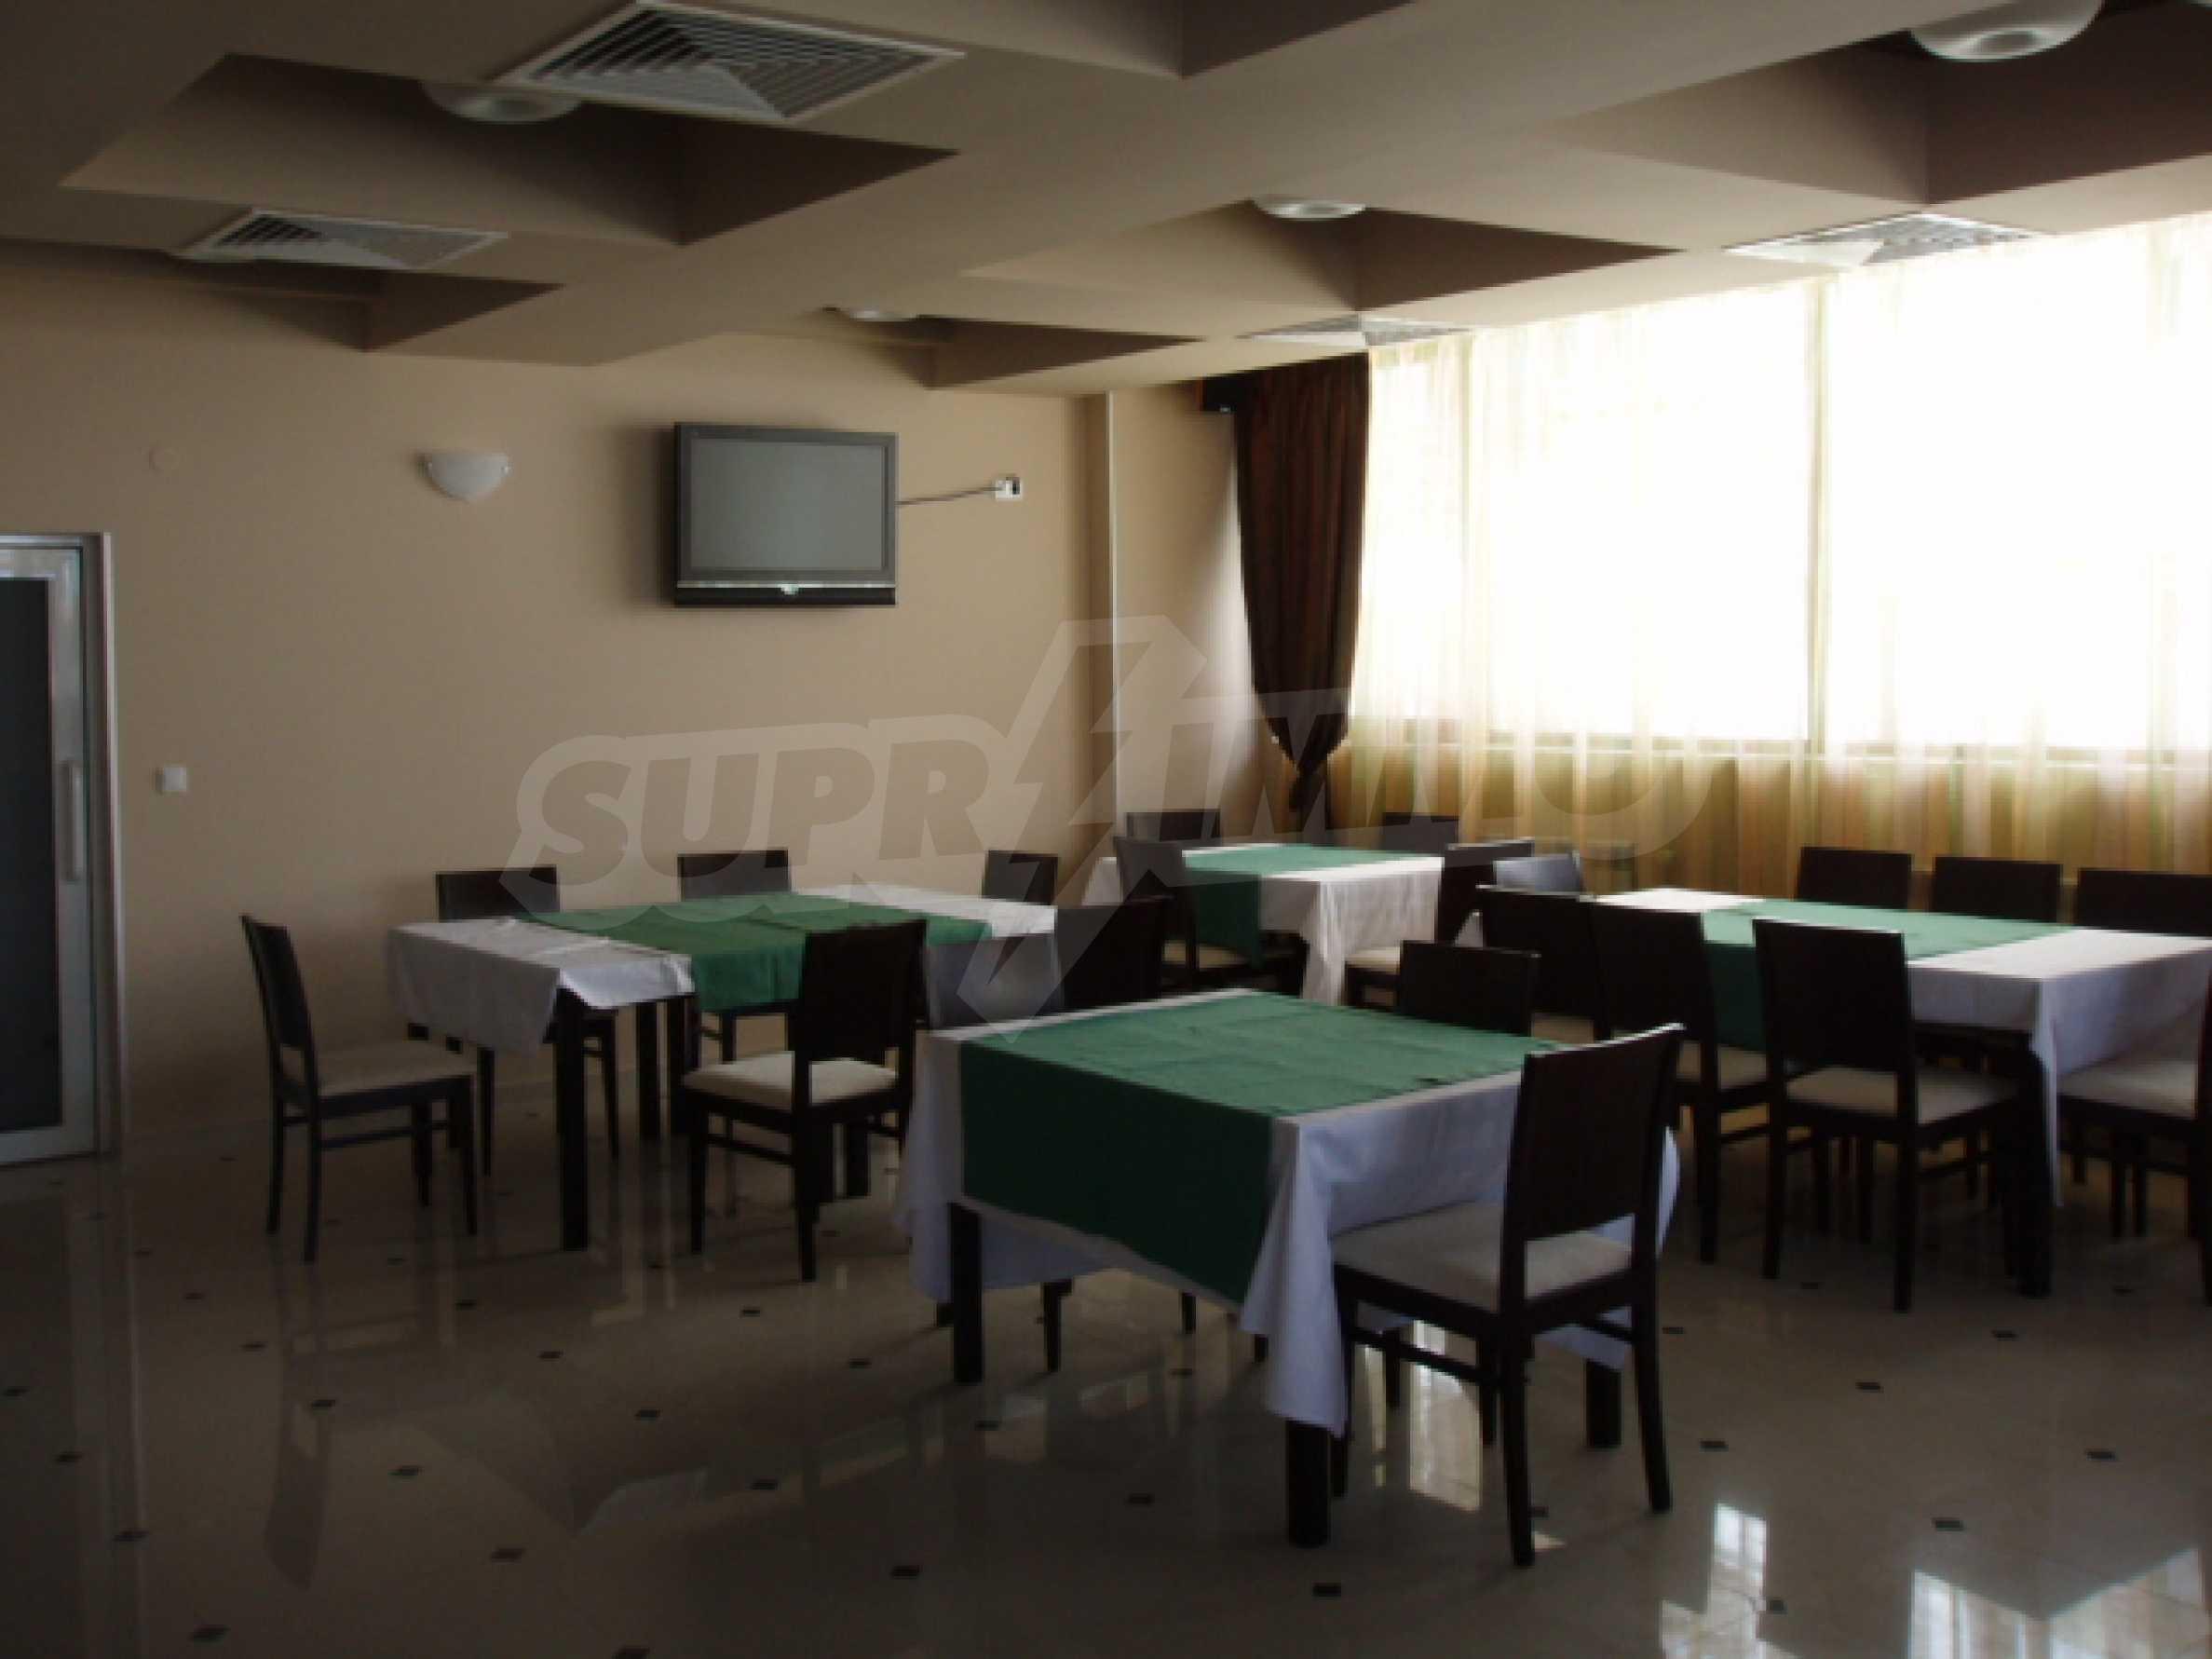 Тристаен апартамент за продажба в гр. Банско 20